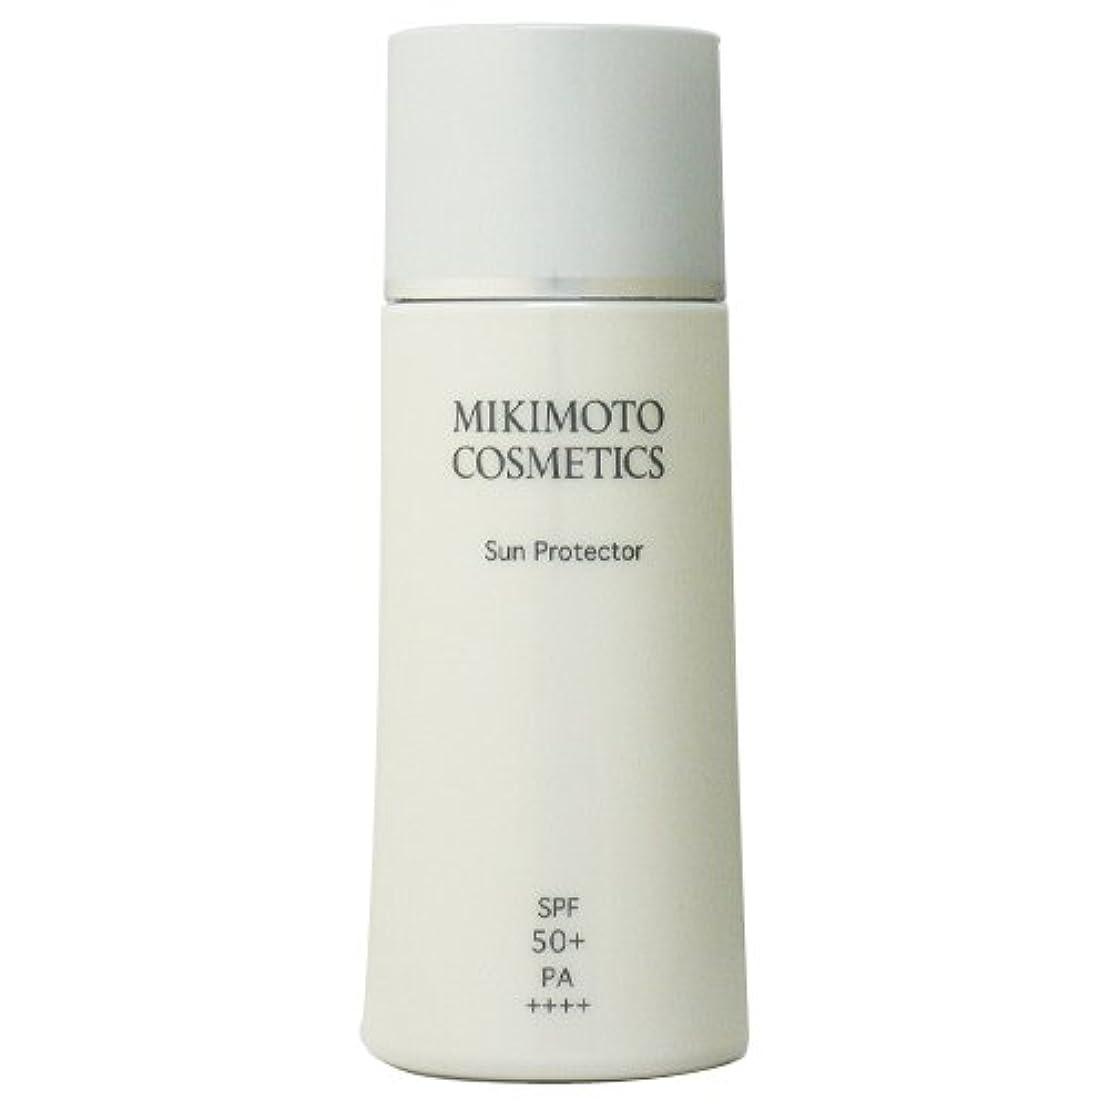 ハブびん明確なミキモト化粧品 MIKIMOTO コスメティックス サンプロテクター SPF50+ PA++++ 40mL [ヘルスケア&ケア用品]